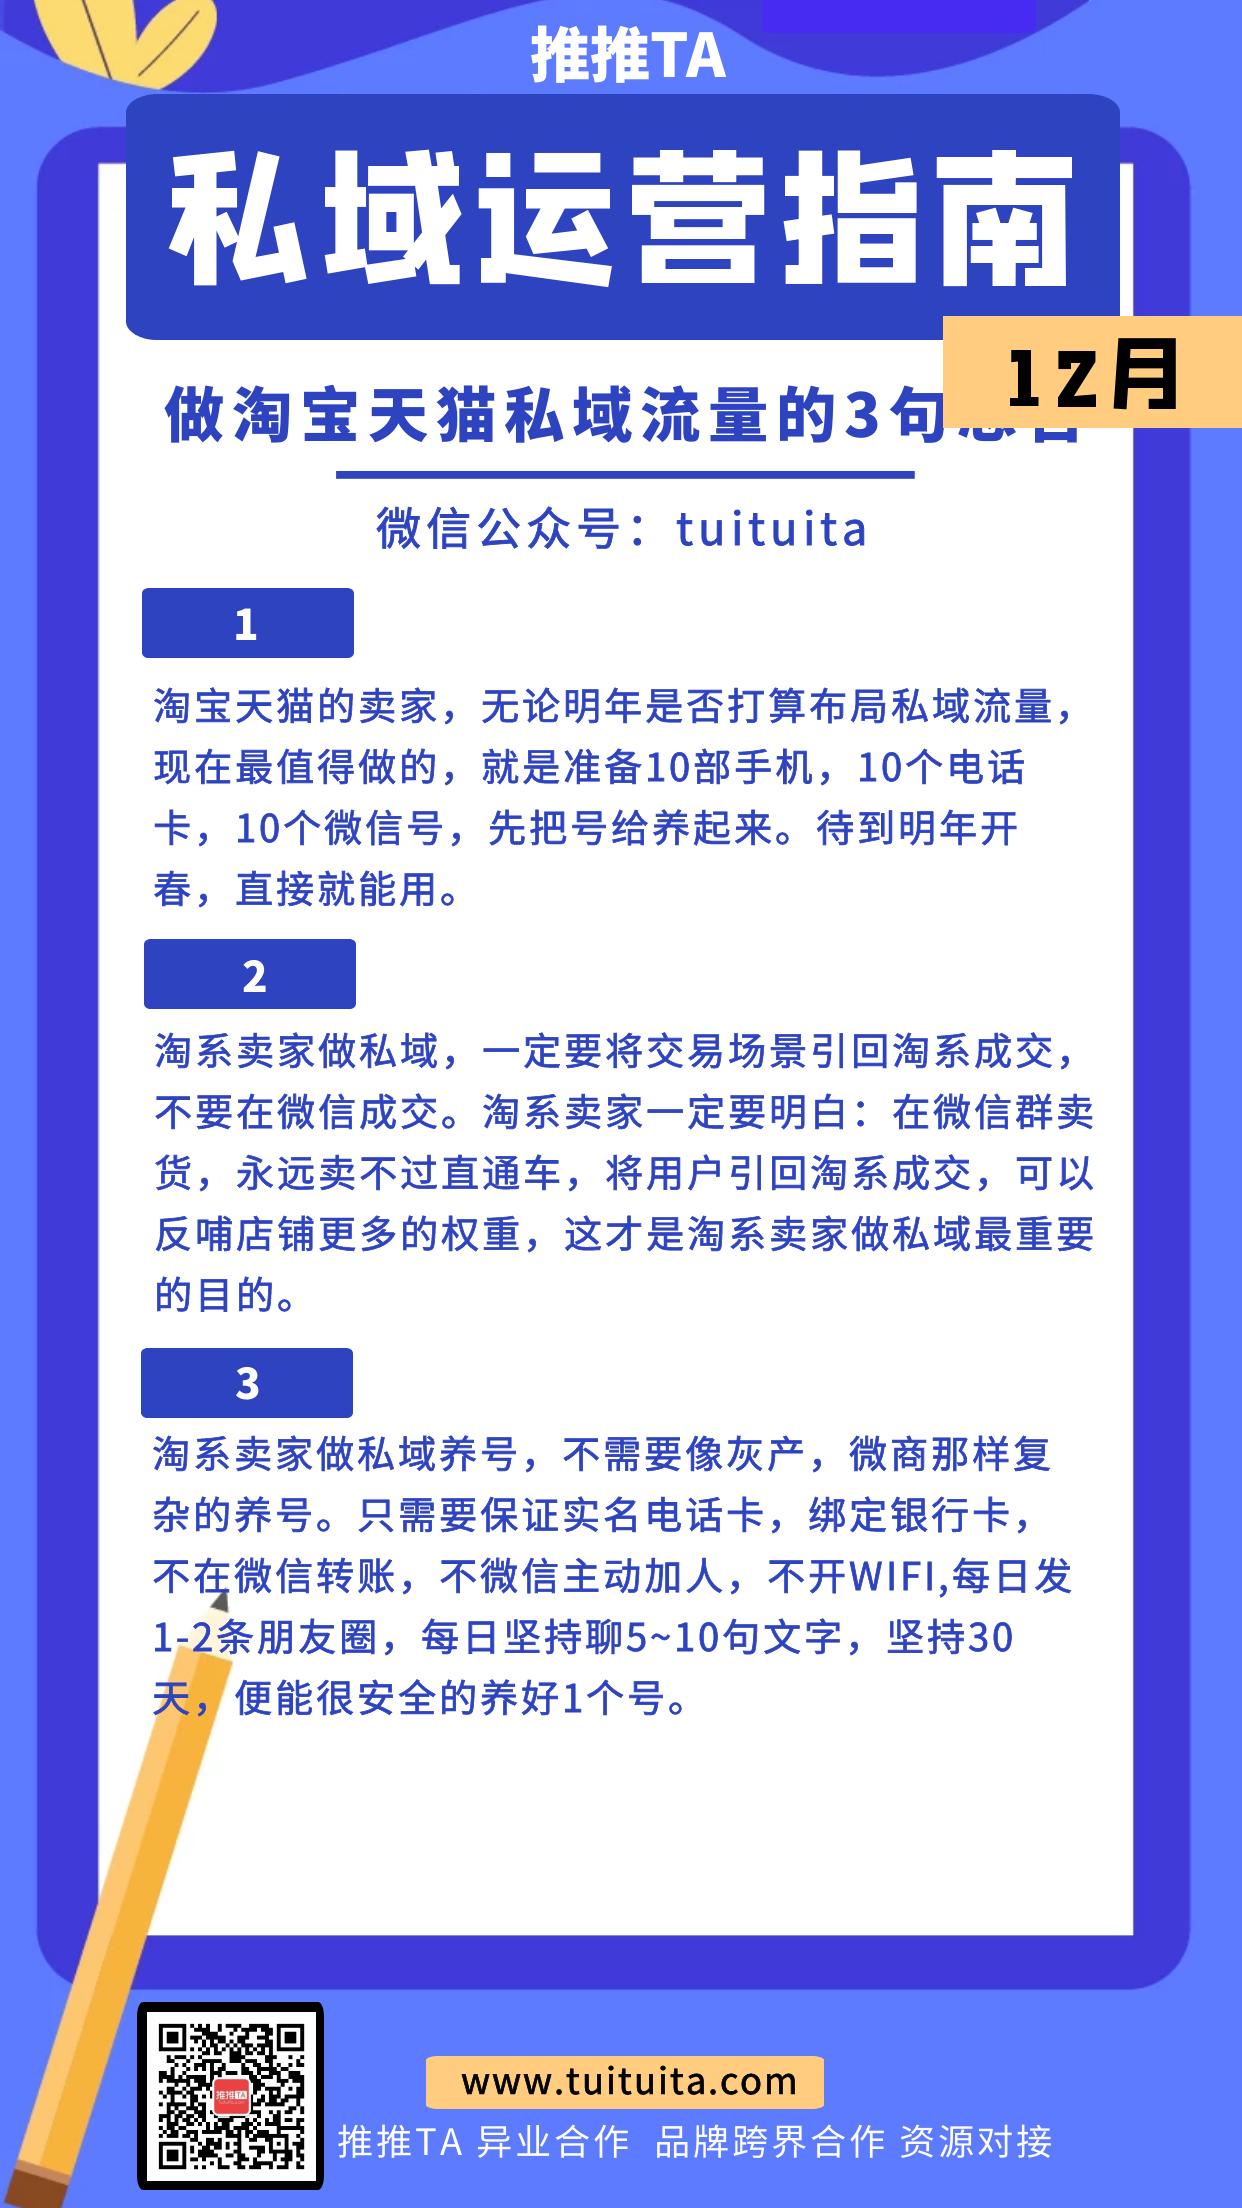 异业合作 私域运营指南:做淘宝天猫私域流量的3句忠告插图